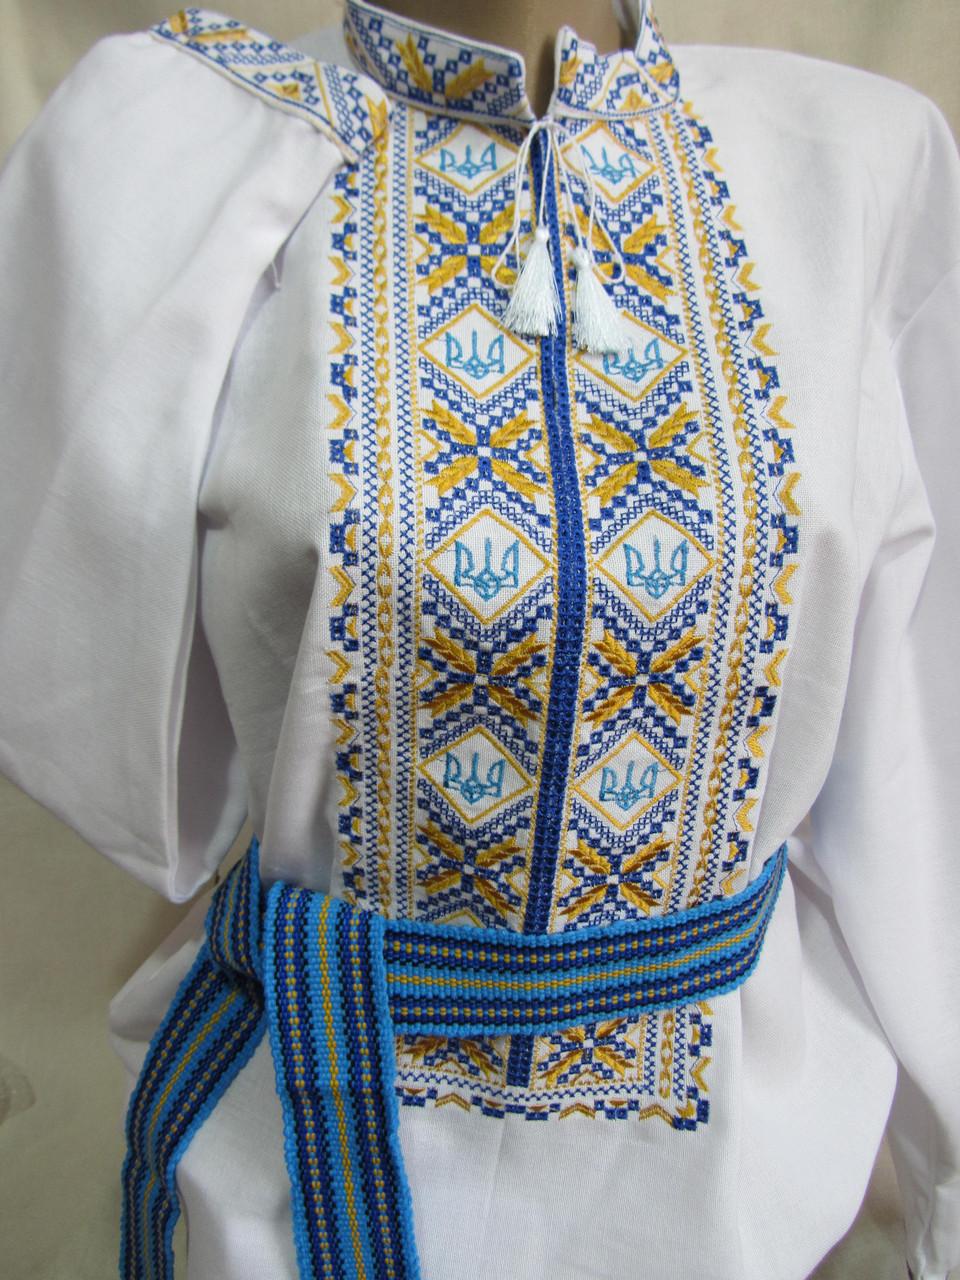 """Вышиванка на полотне домотканом """"Воля"""", 42 и 50 р-ры, 650/500 (цена за 1 шт. + 150 гр.)"""